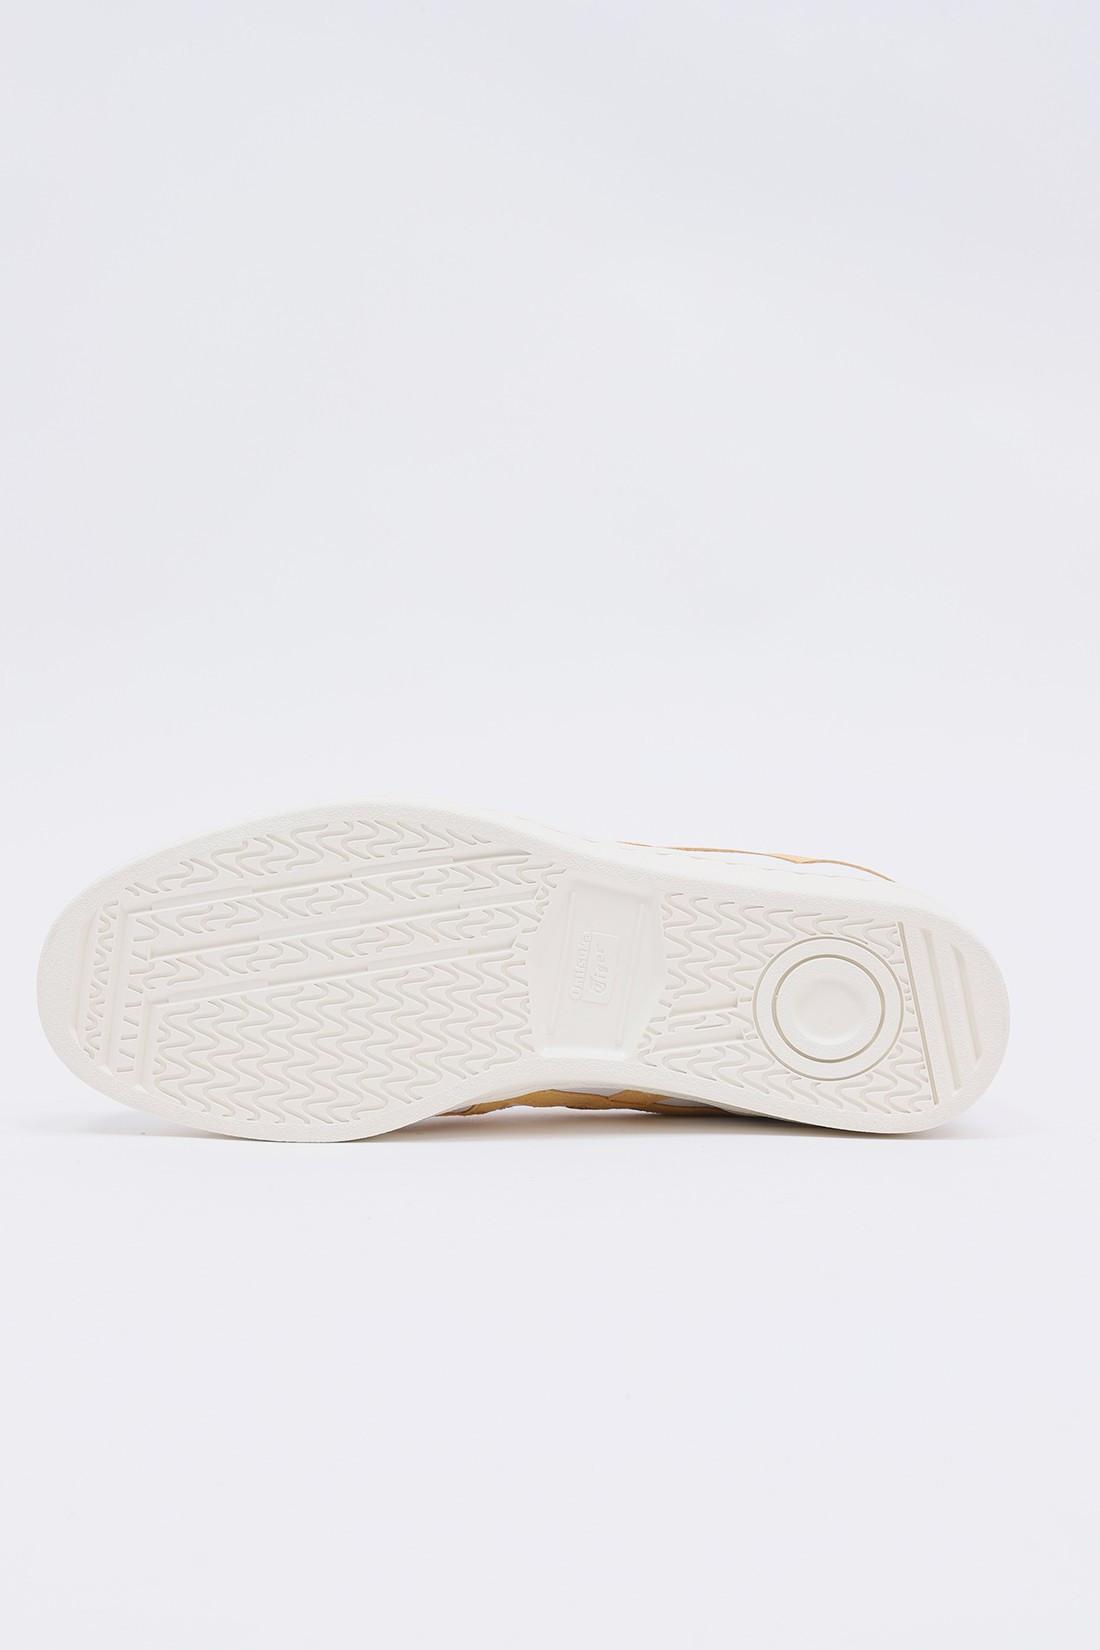 ASICS / Gsm White/paper bag